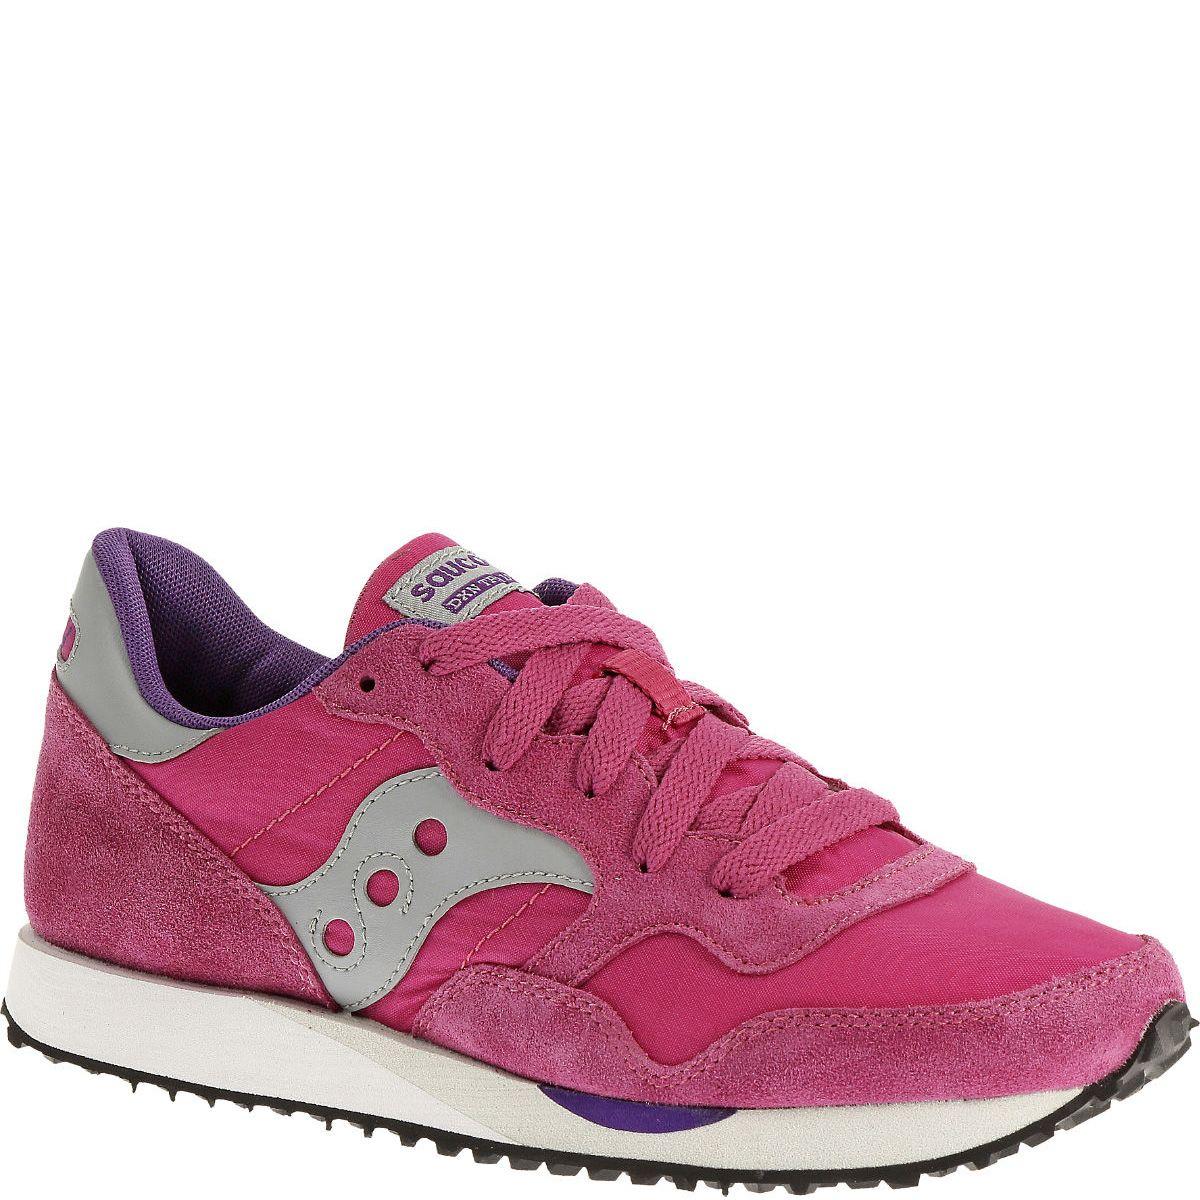 Розовые кроссовки Saucony DXN Trainer